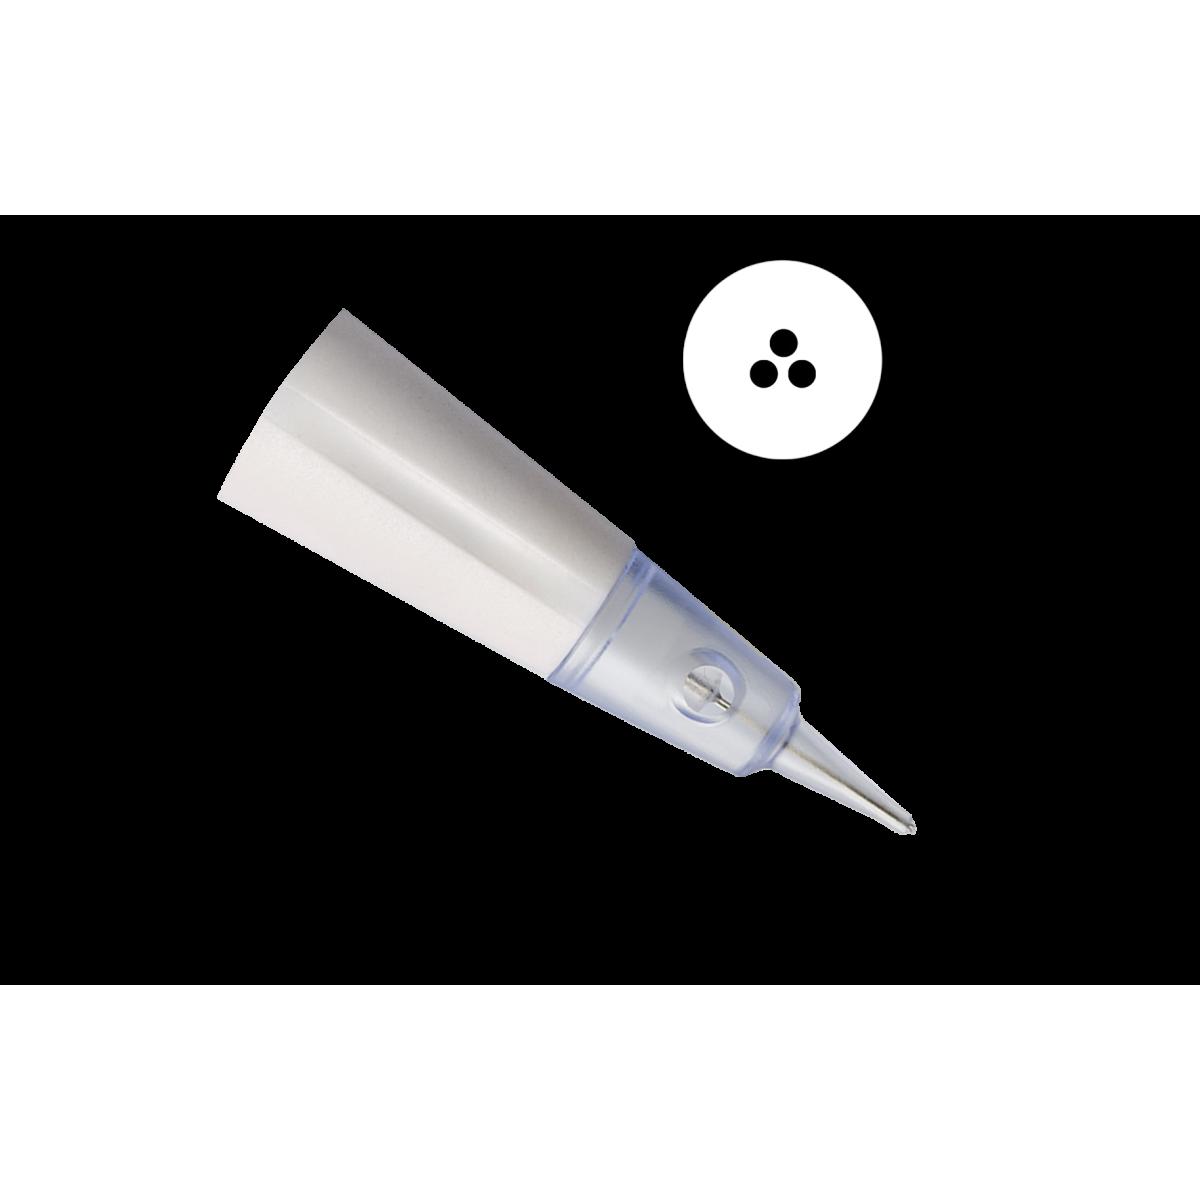 POUR GENIUS - MODULE 3 LINER (0,30 mm) GENIUS AMIEA